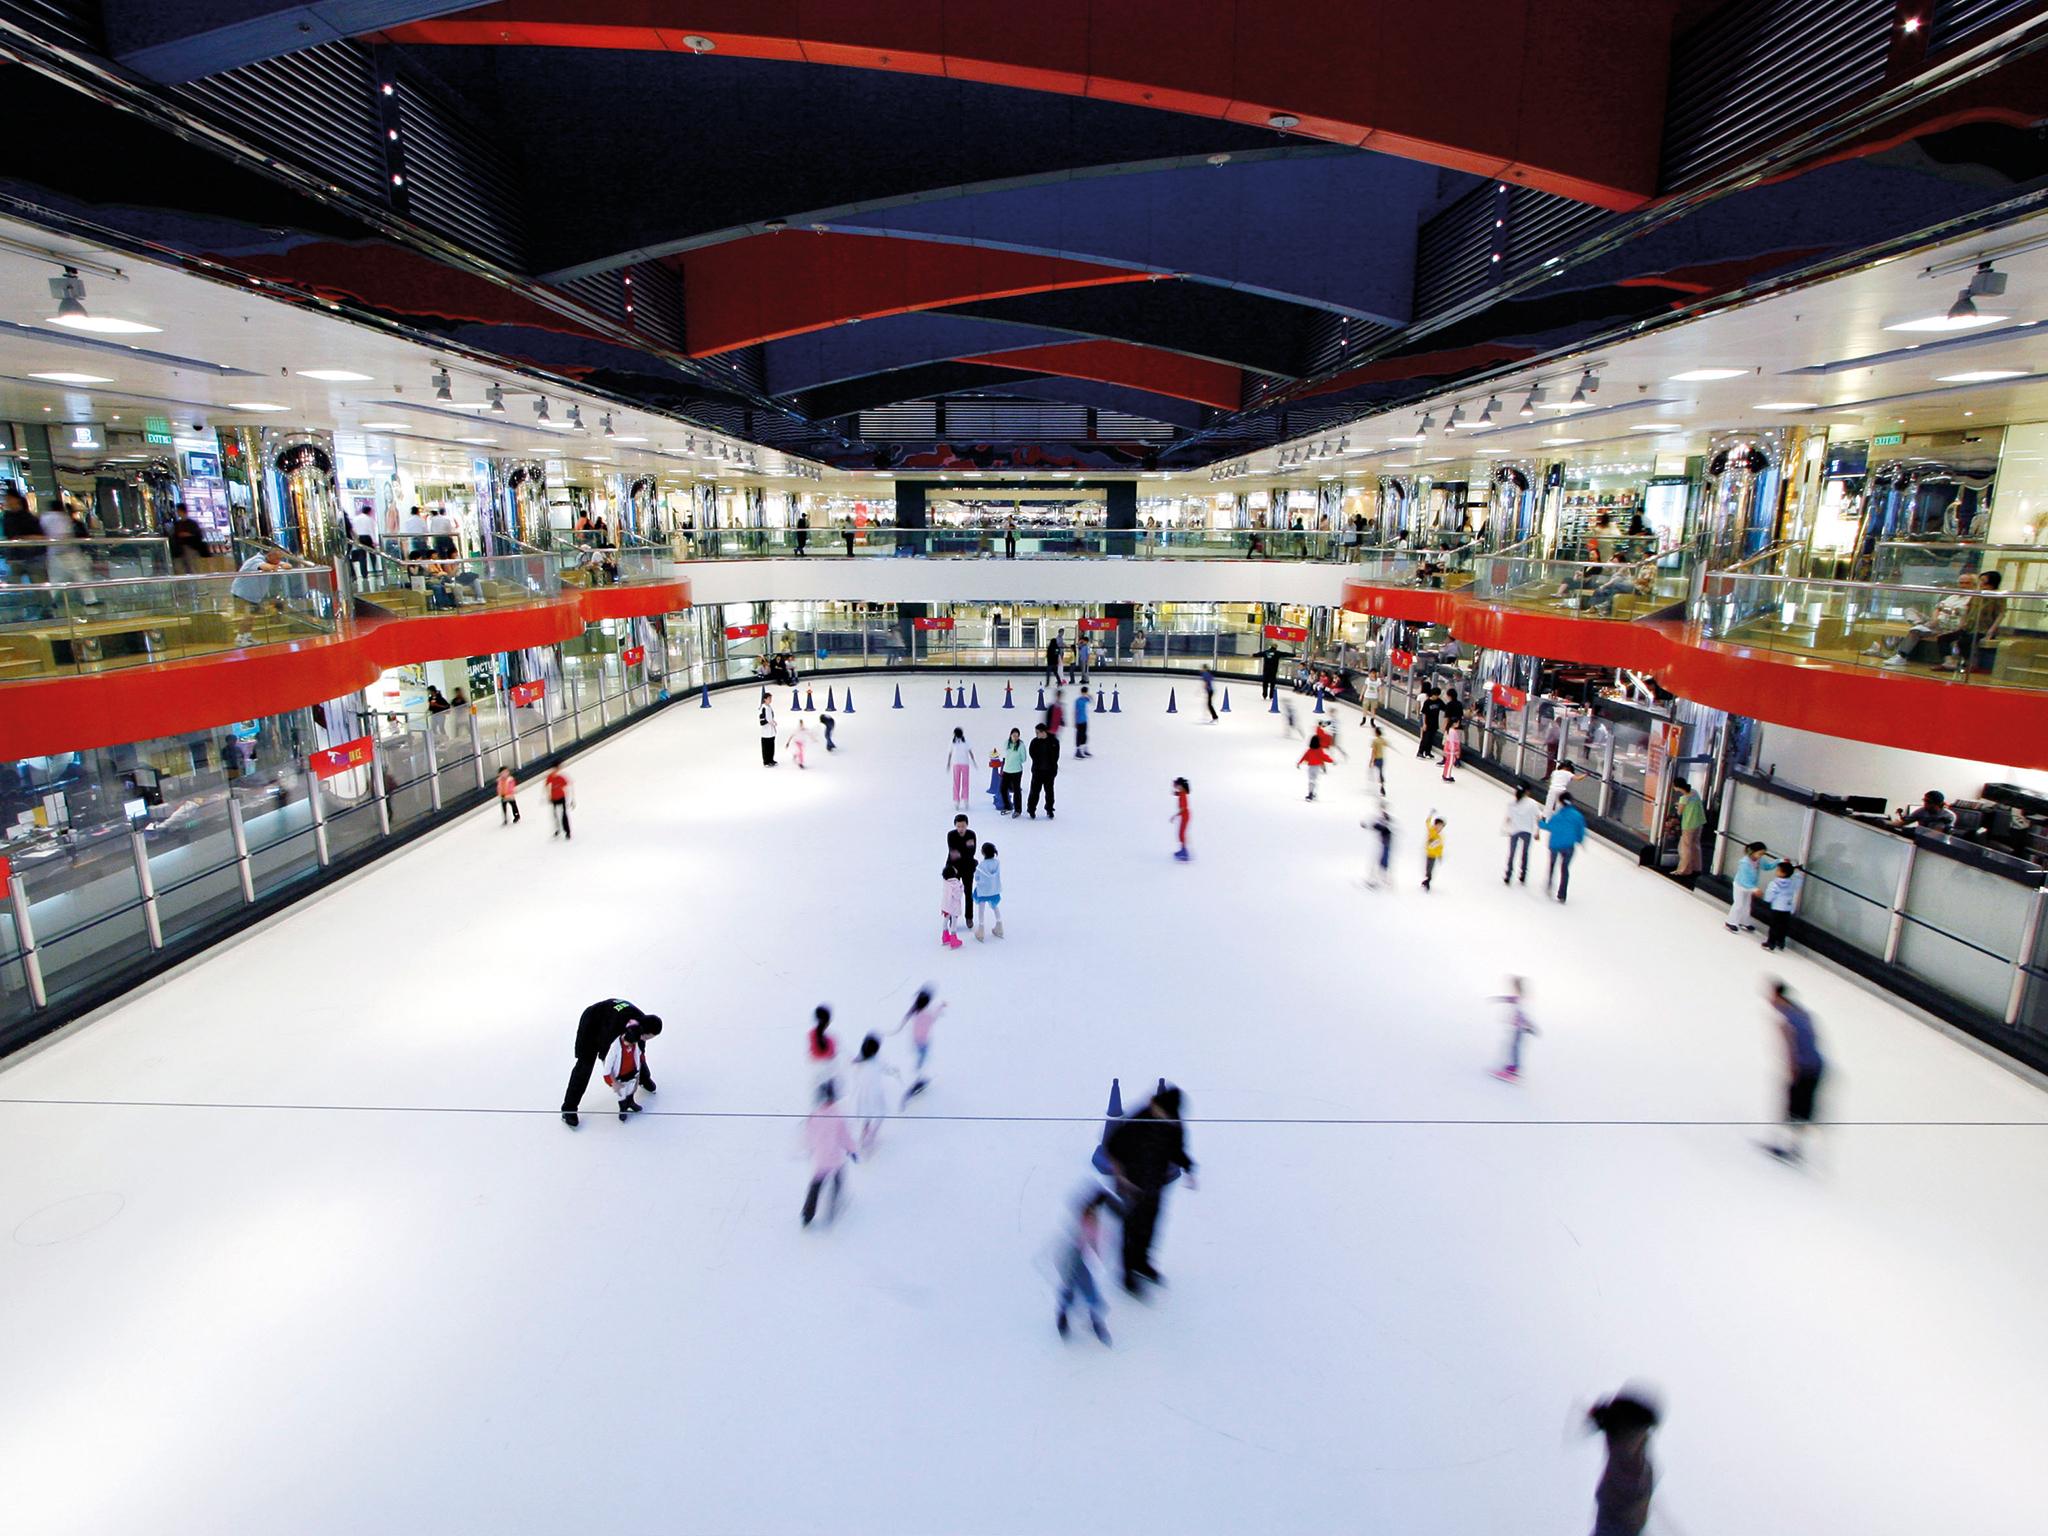 Hong Kong's best ice skating rinks